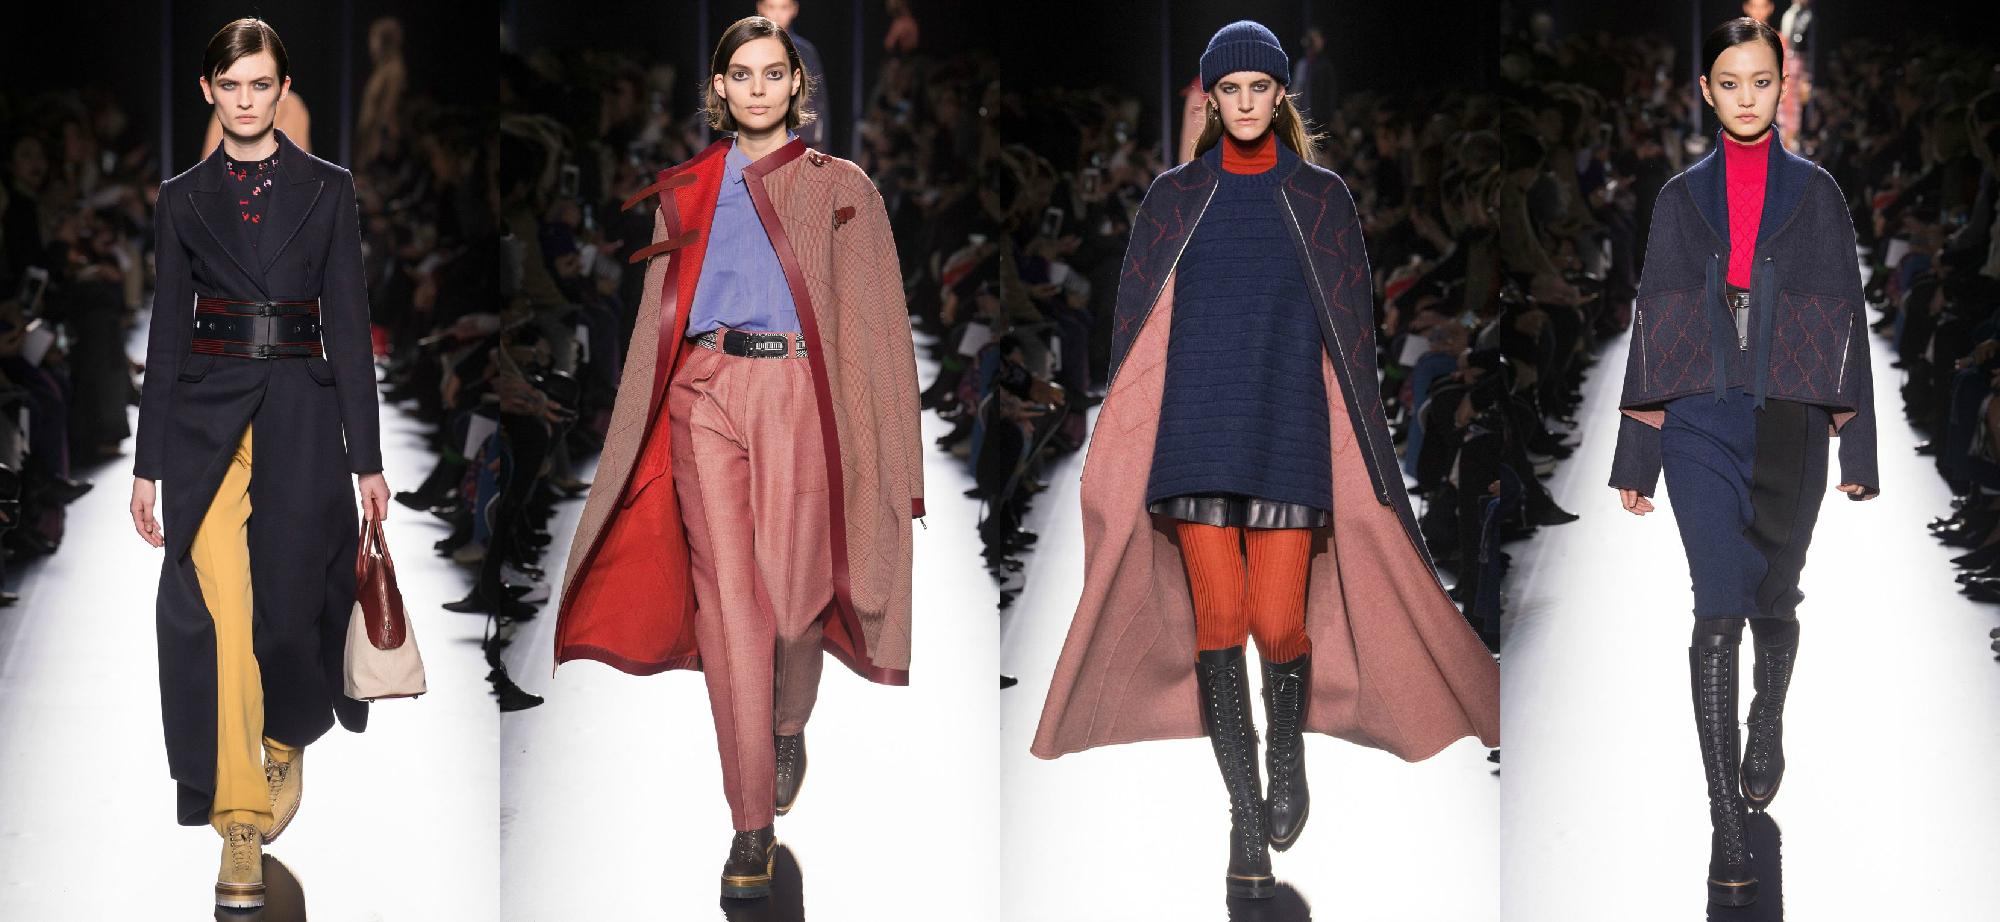 Hermès Осень-Зима 2017 Модные тенденции